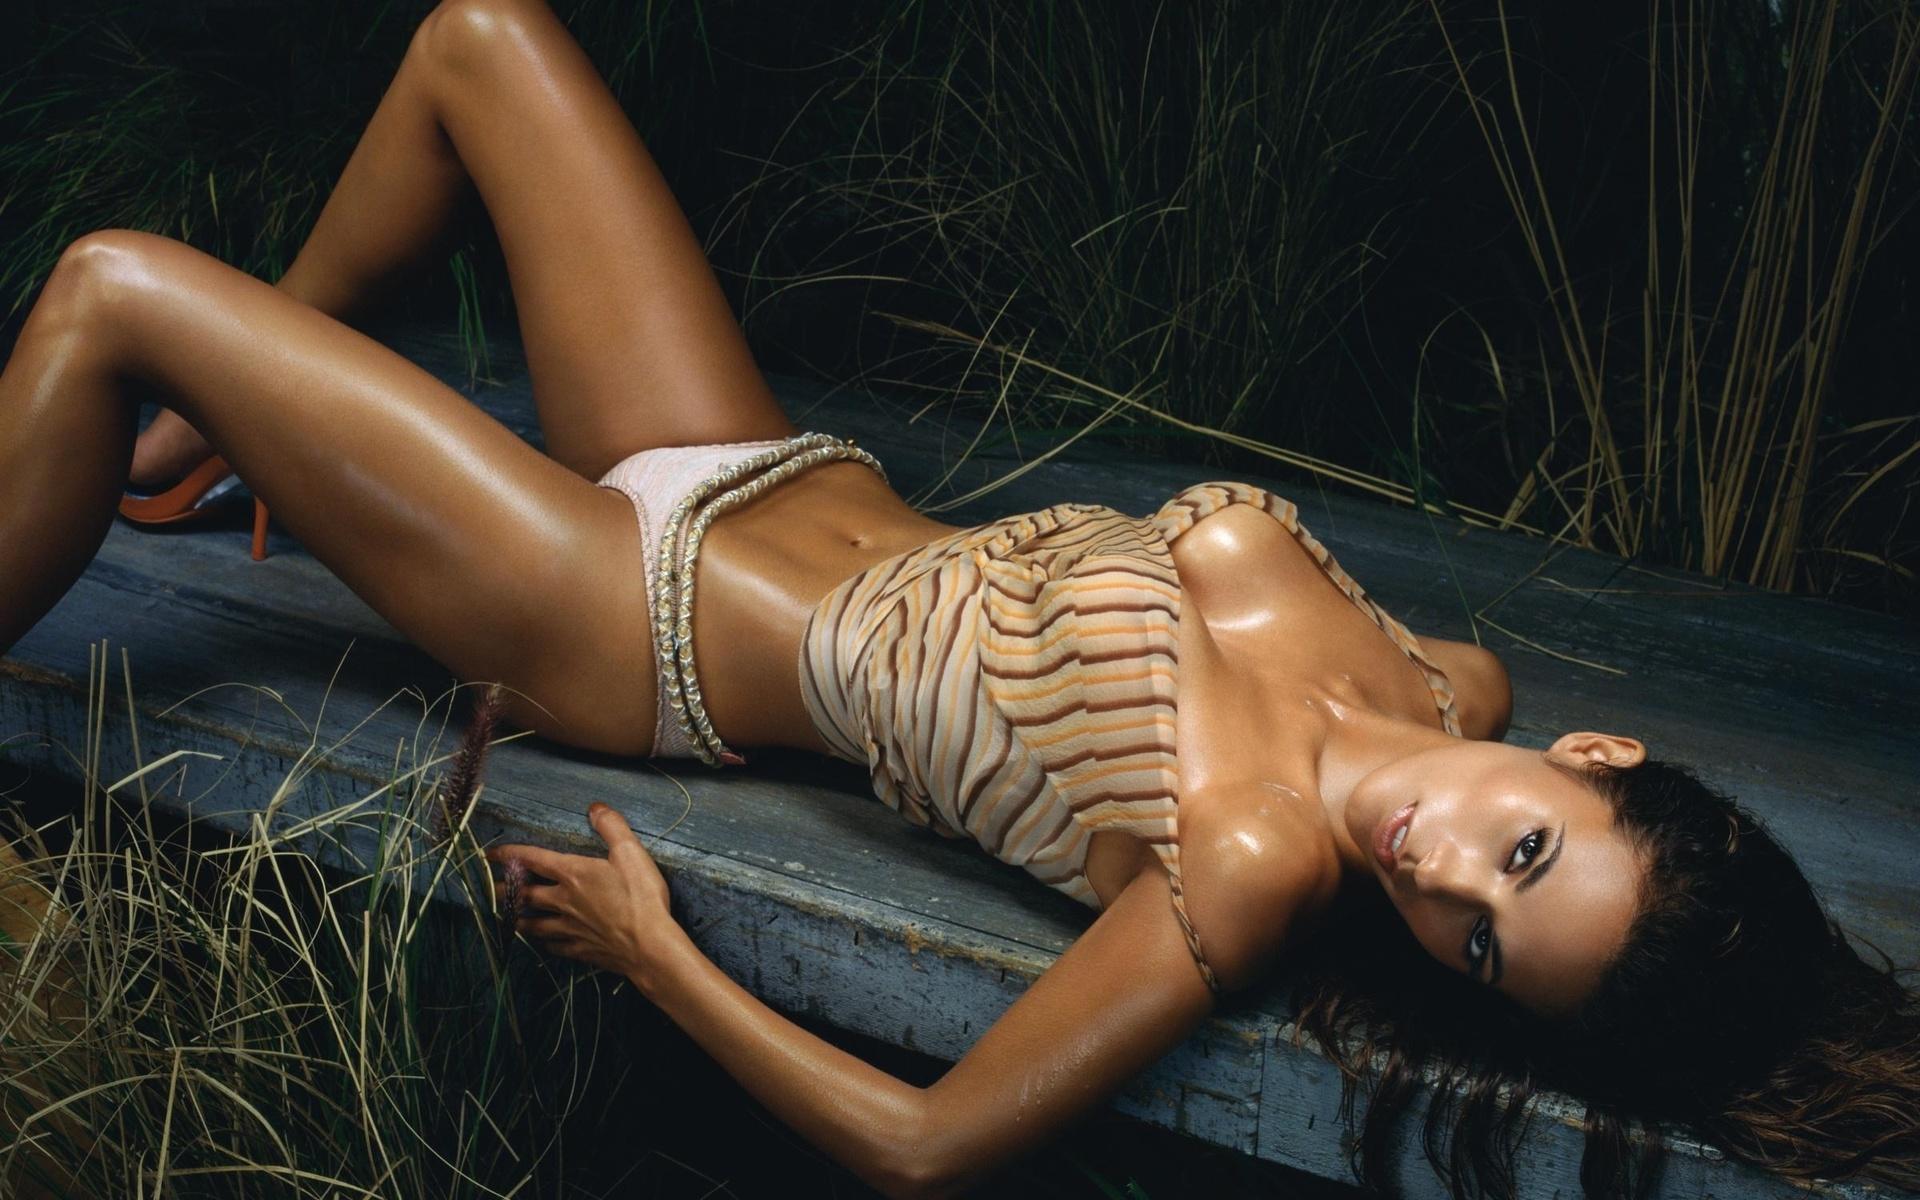 Сайты с красивыми голыми девушками — photo 4